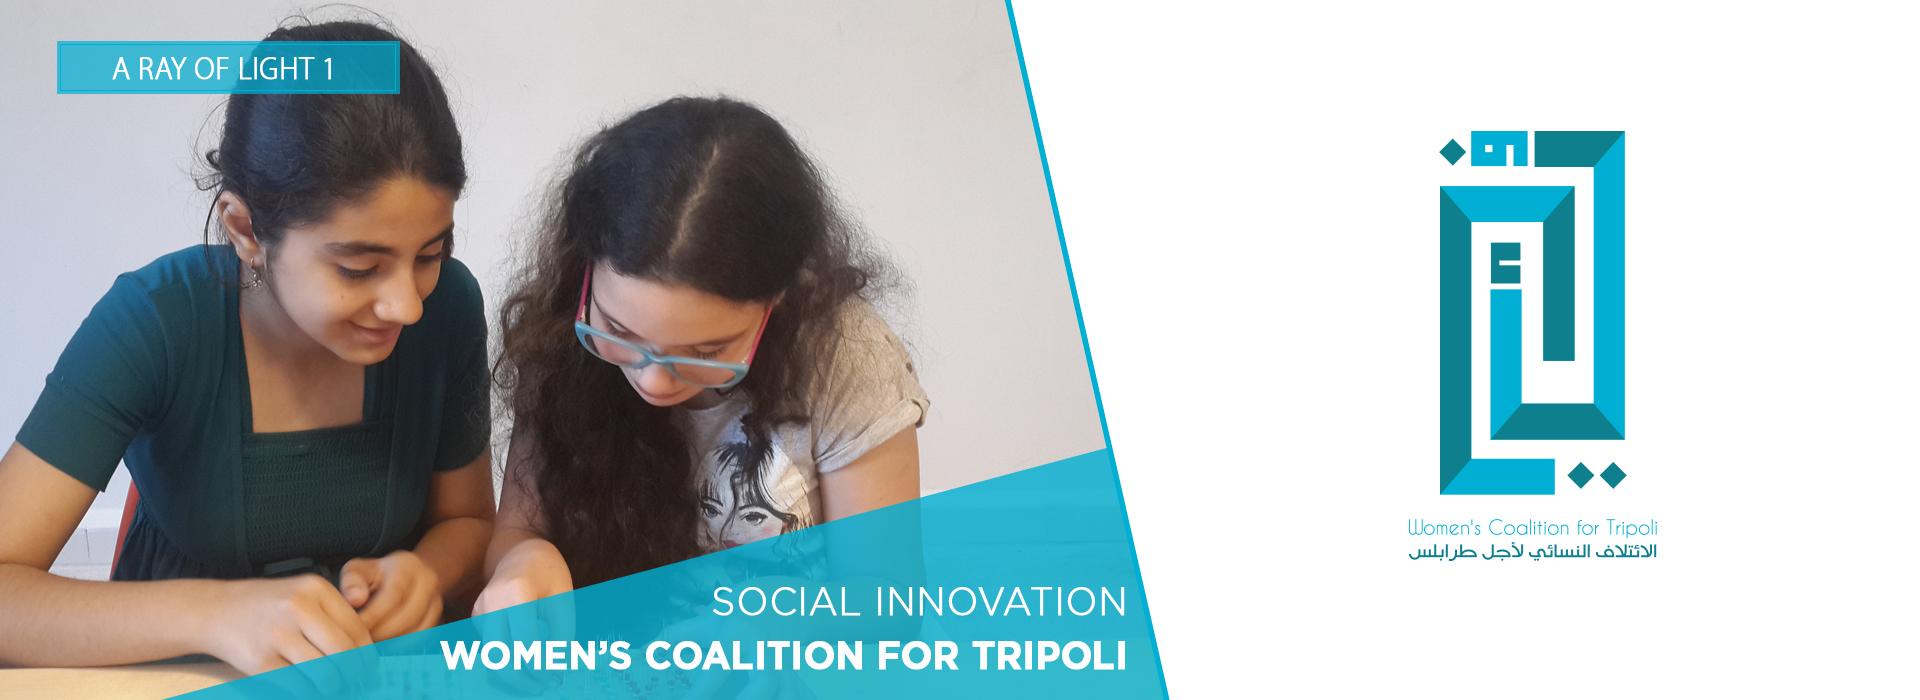 social innovation1 a ray of light1